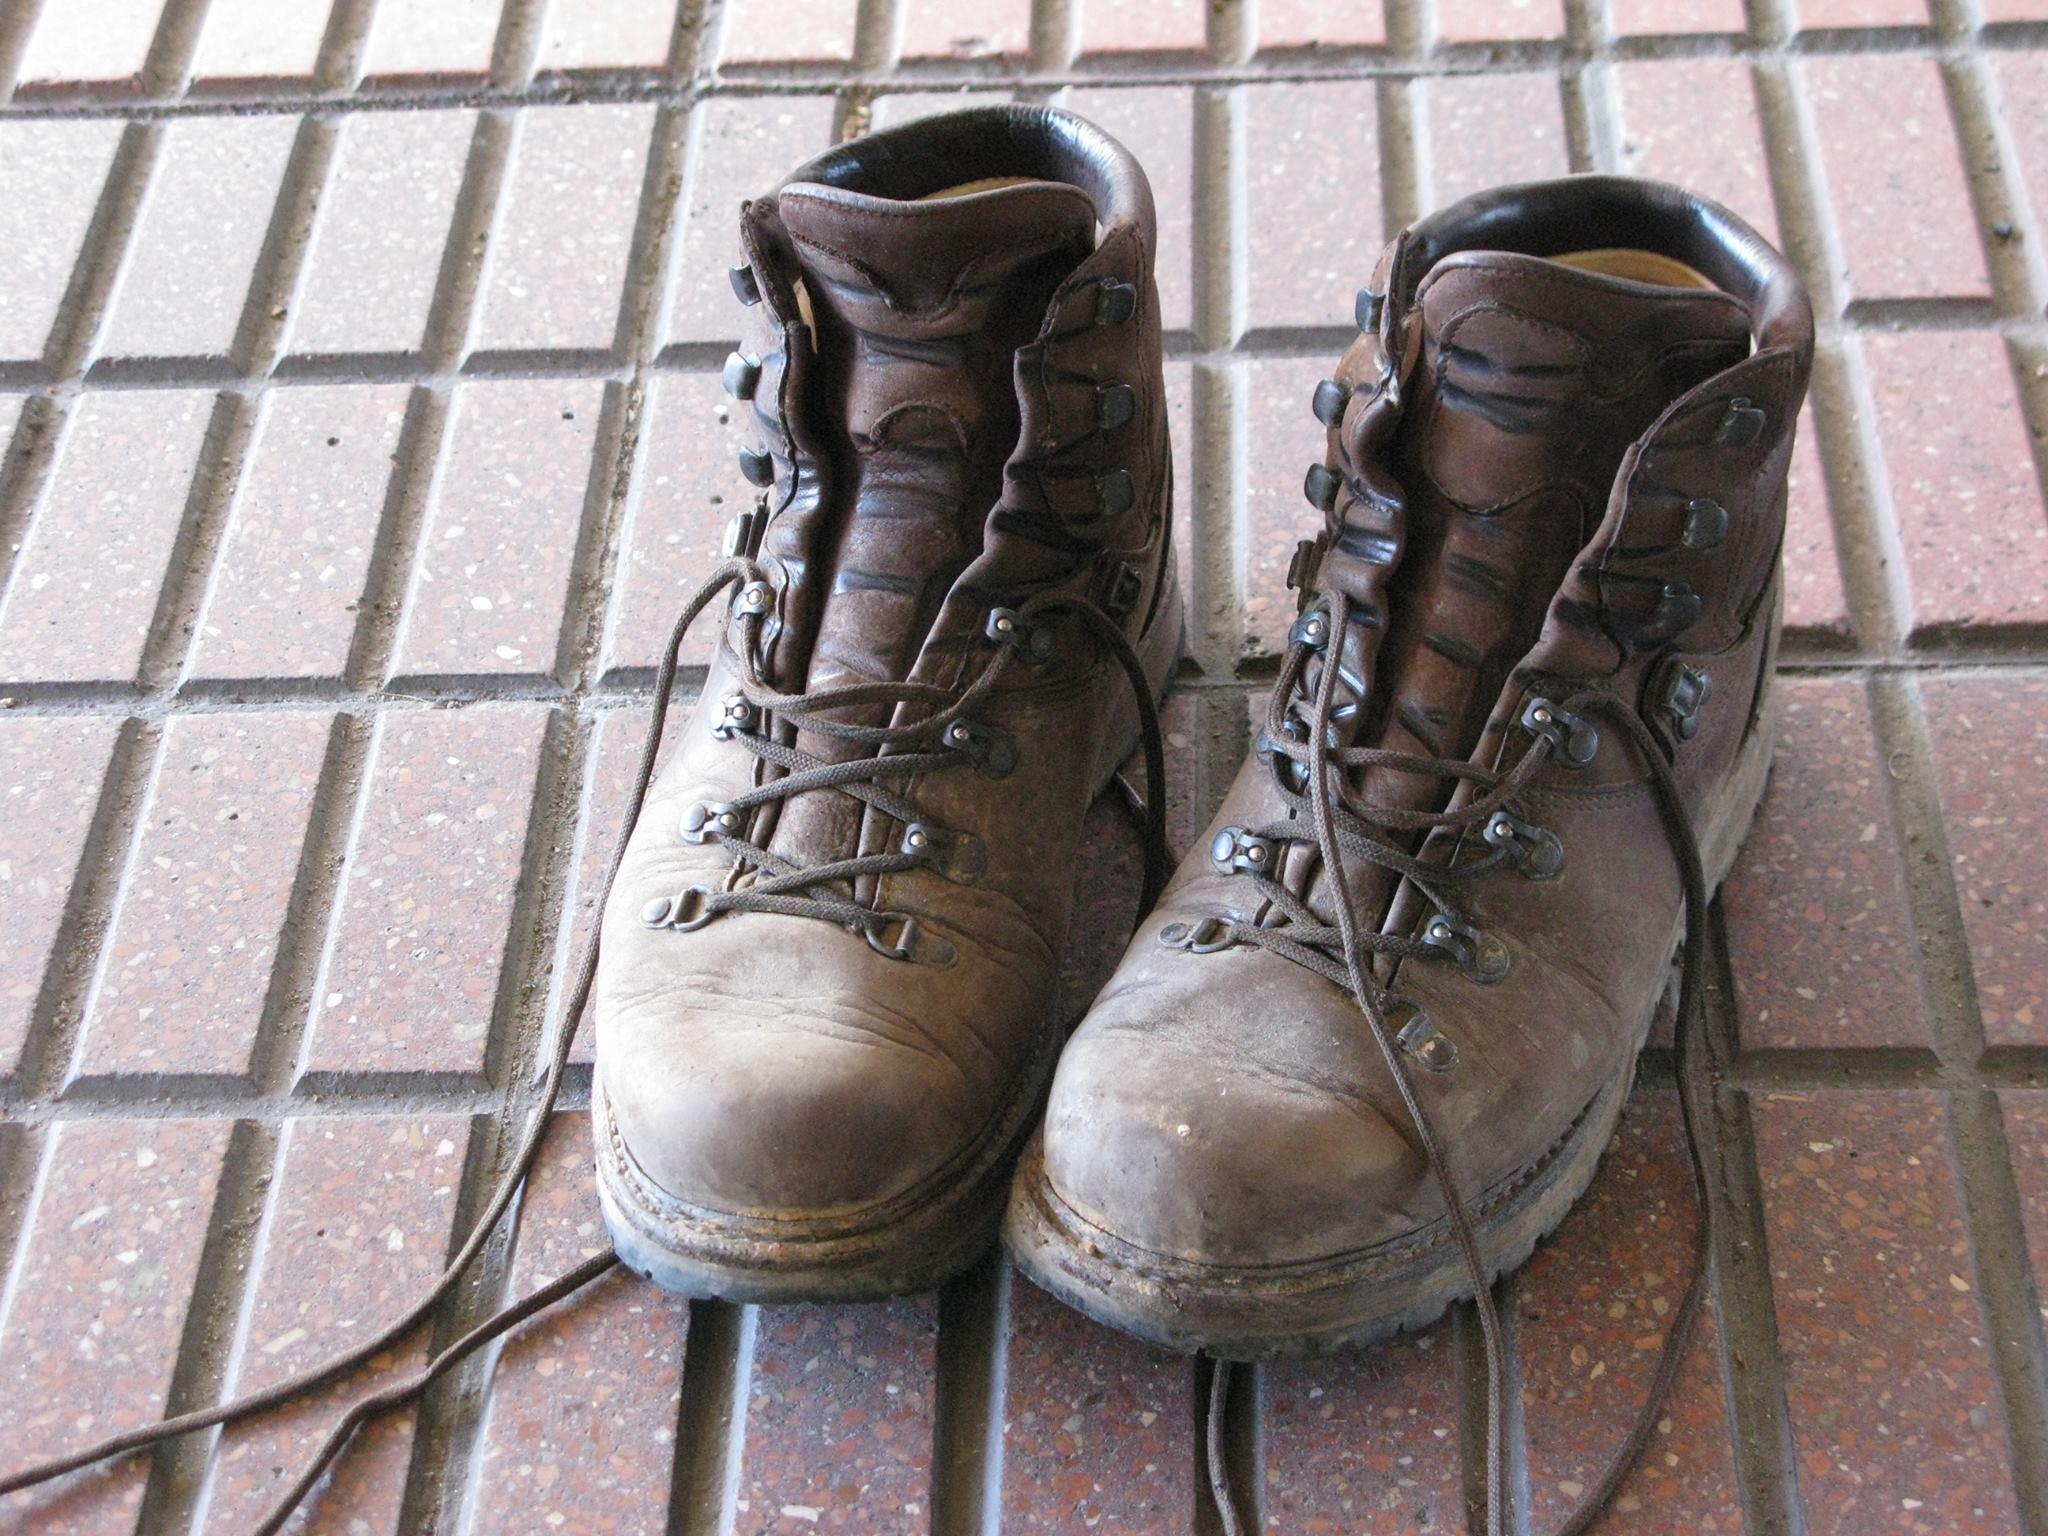 Die passenden Schuhe für den Jakobsweg finden |